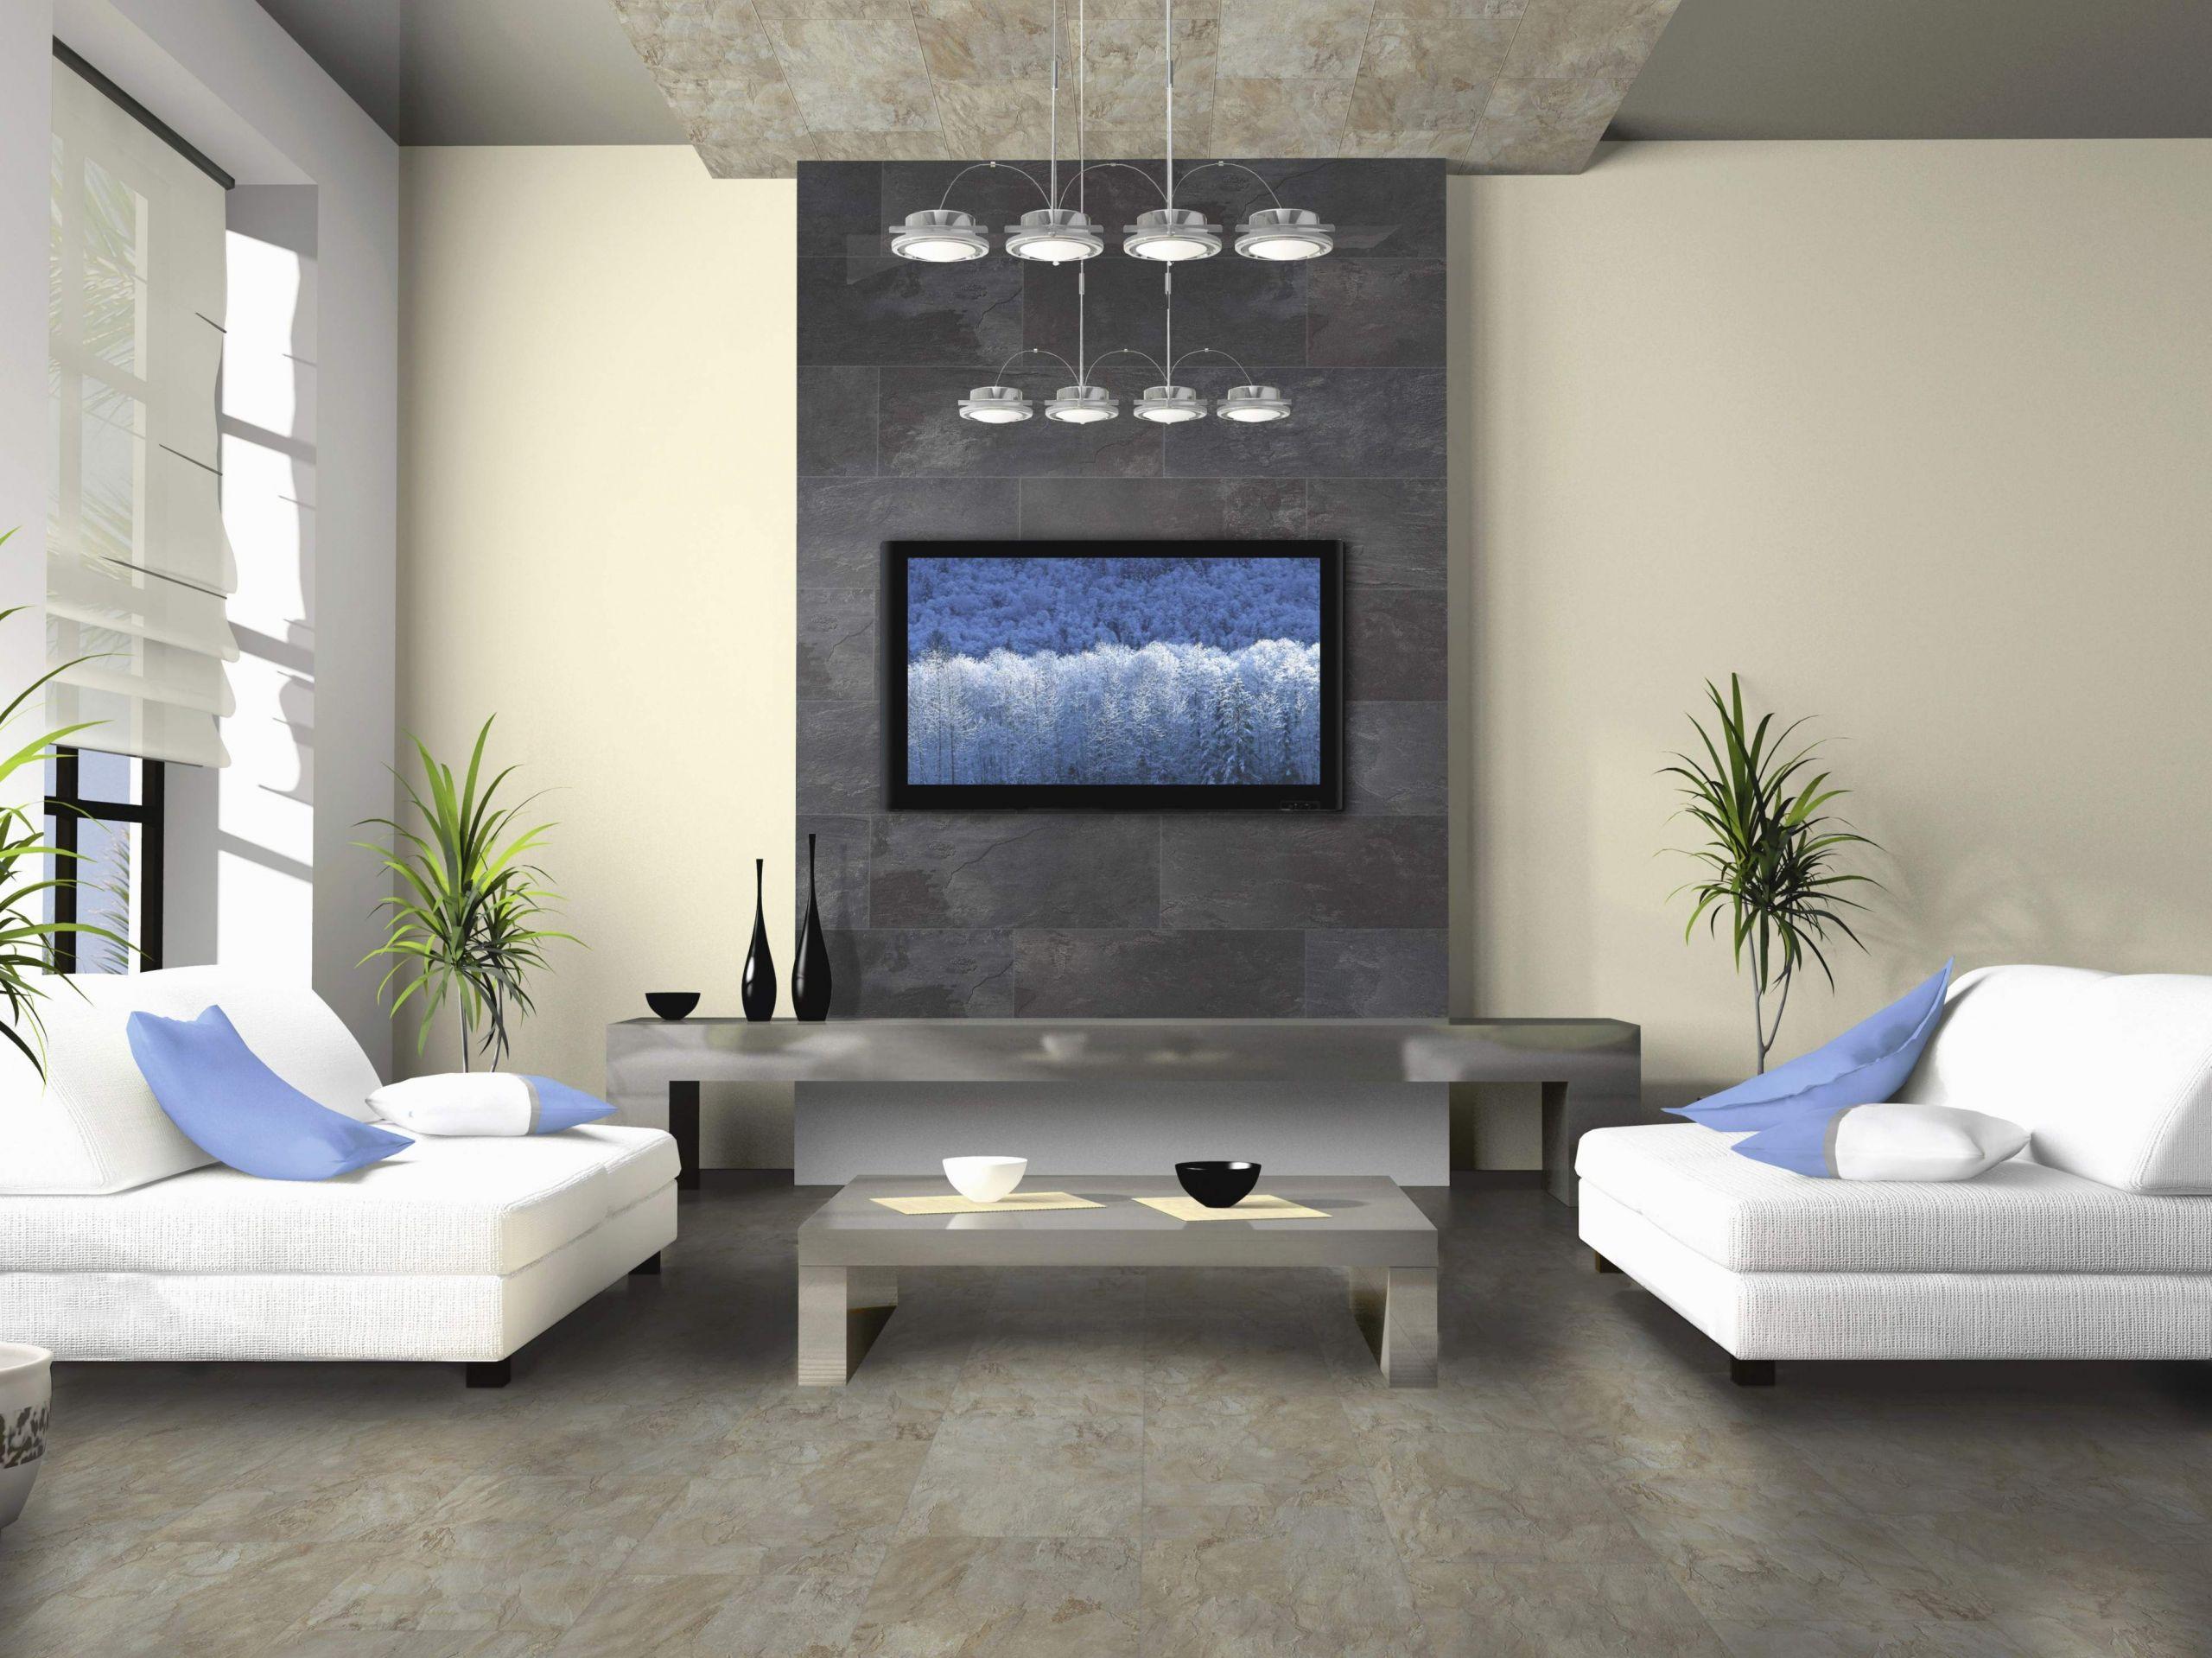 wohnzimmer wanddeko schon wohnzimmer planen genial wohnzimmer wand 0d of wohnzimmer wanddeko scaled